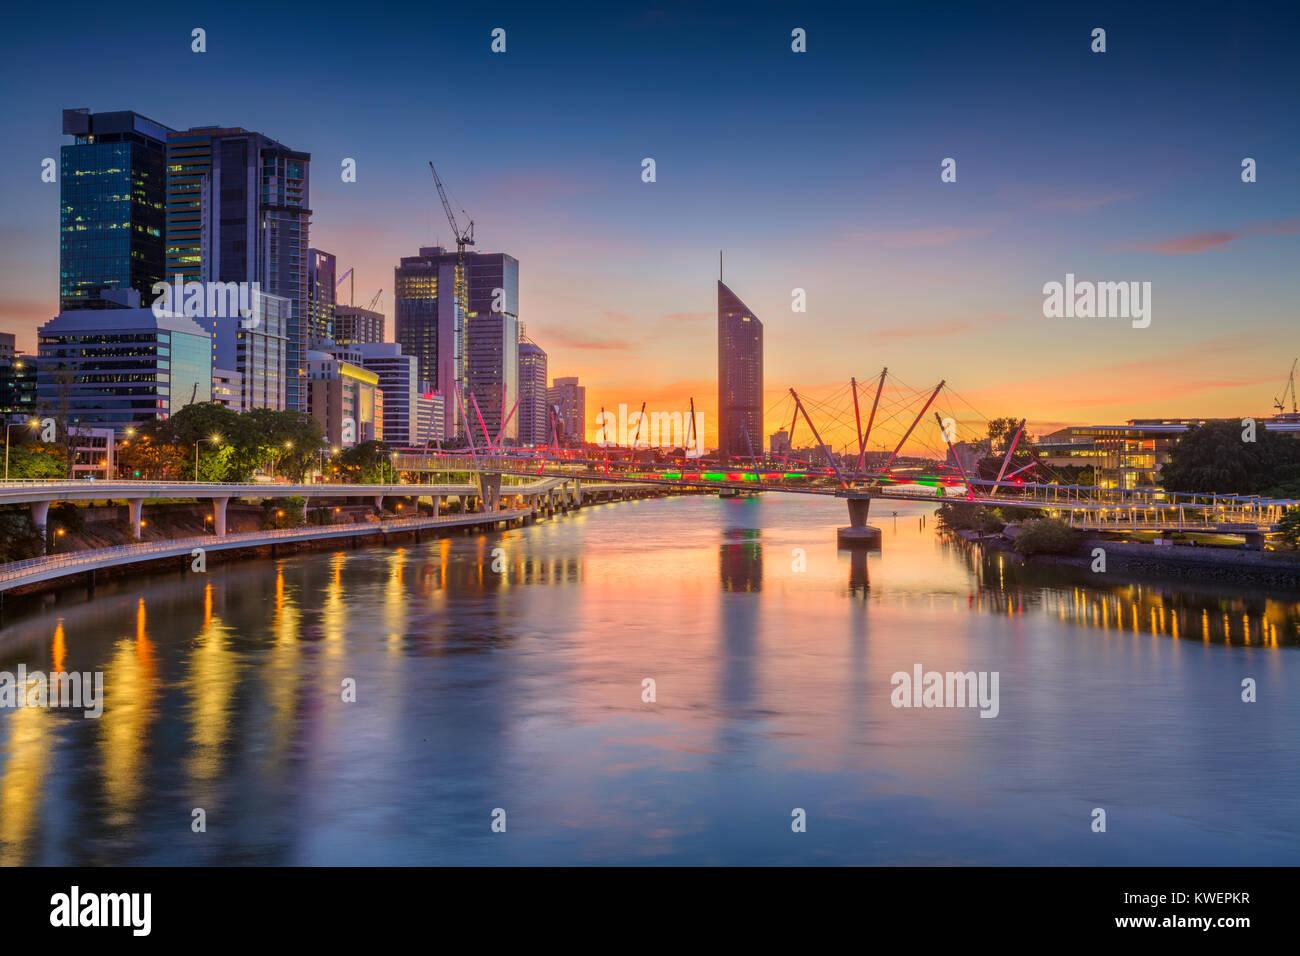 Brisbane. Cityscape image de Brisbane, Australie au cours de l'horizon lever du soleil spectaculaire. Banque D'Images